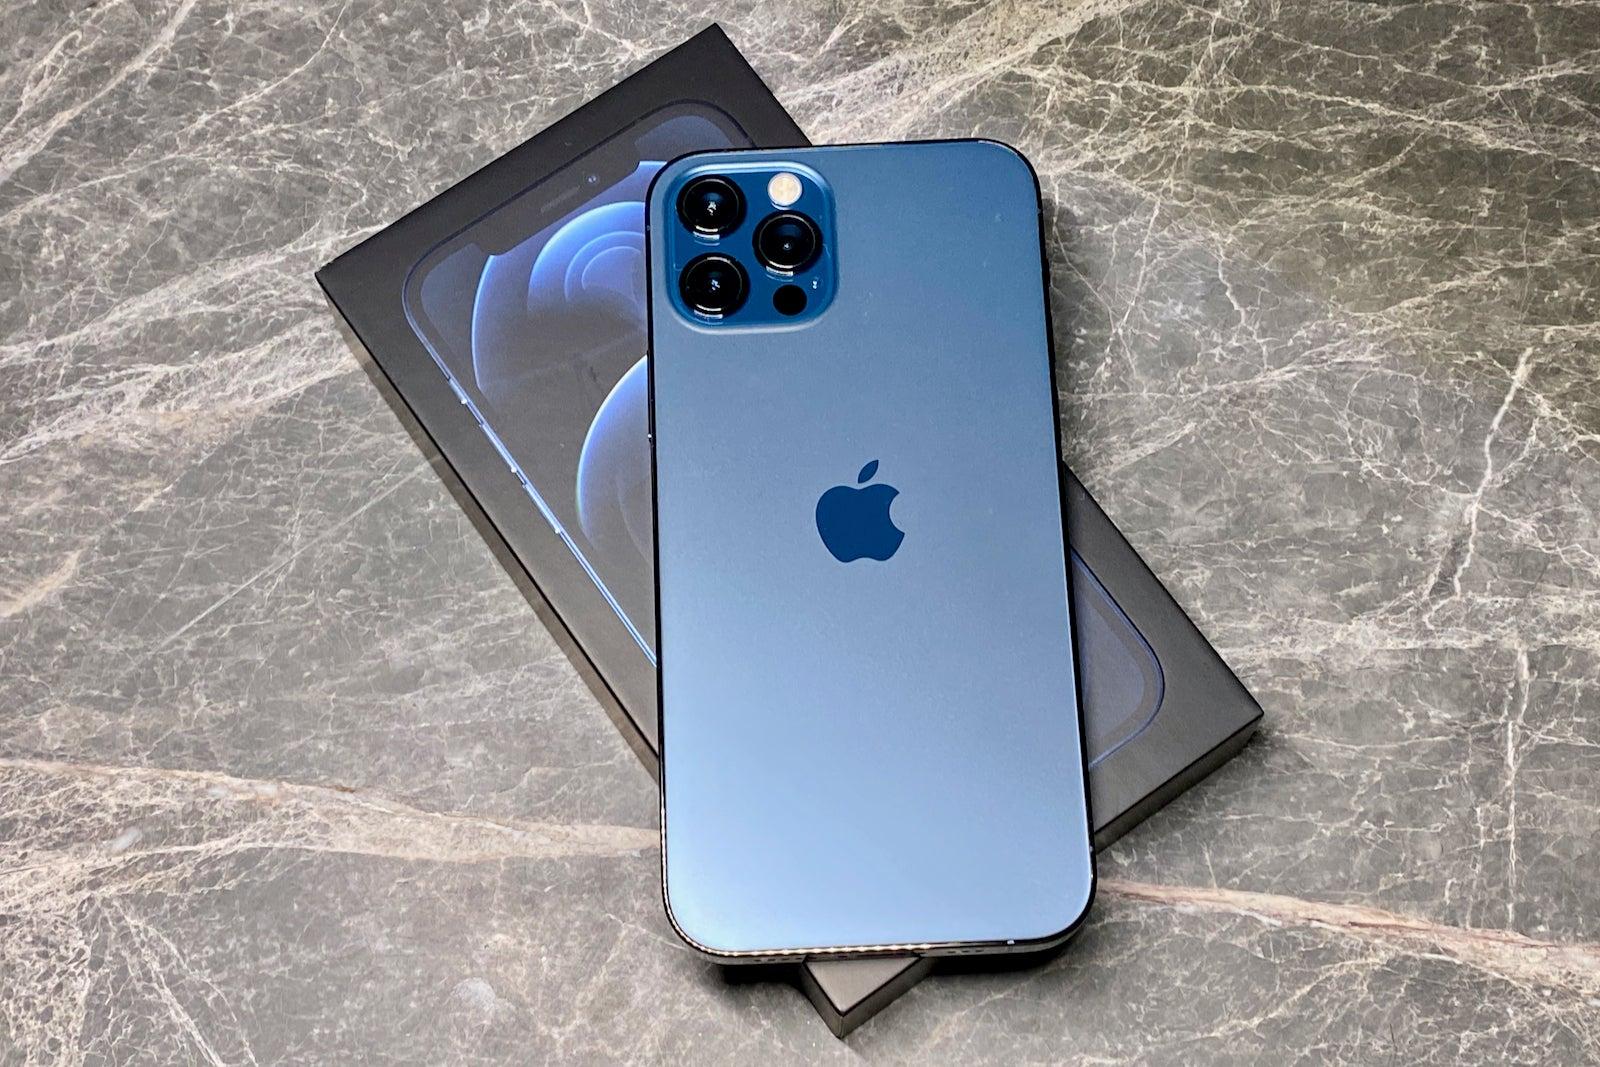 Deal hot cuối tuần: Loạt smartphone giảm giá cực shock lên tới 30%, không thay điện thoại mới là tiếc hùi hụi! - Ảnh 3.